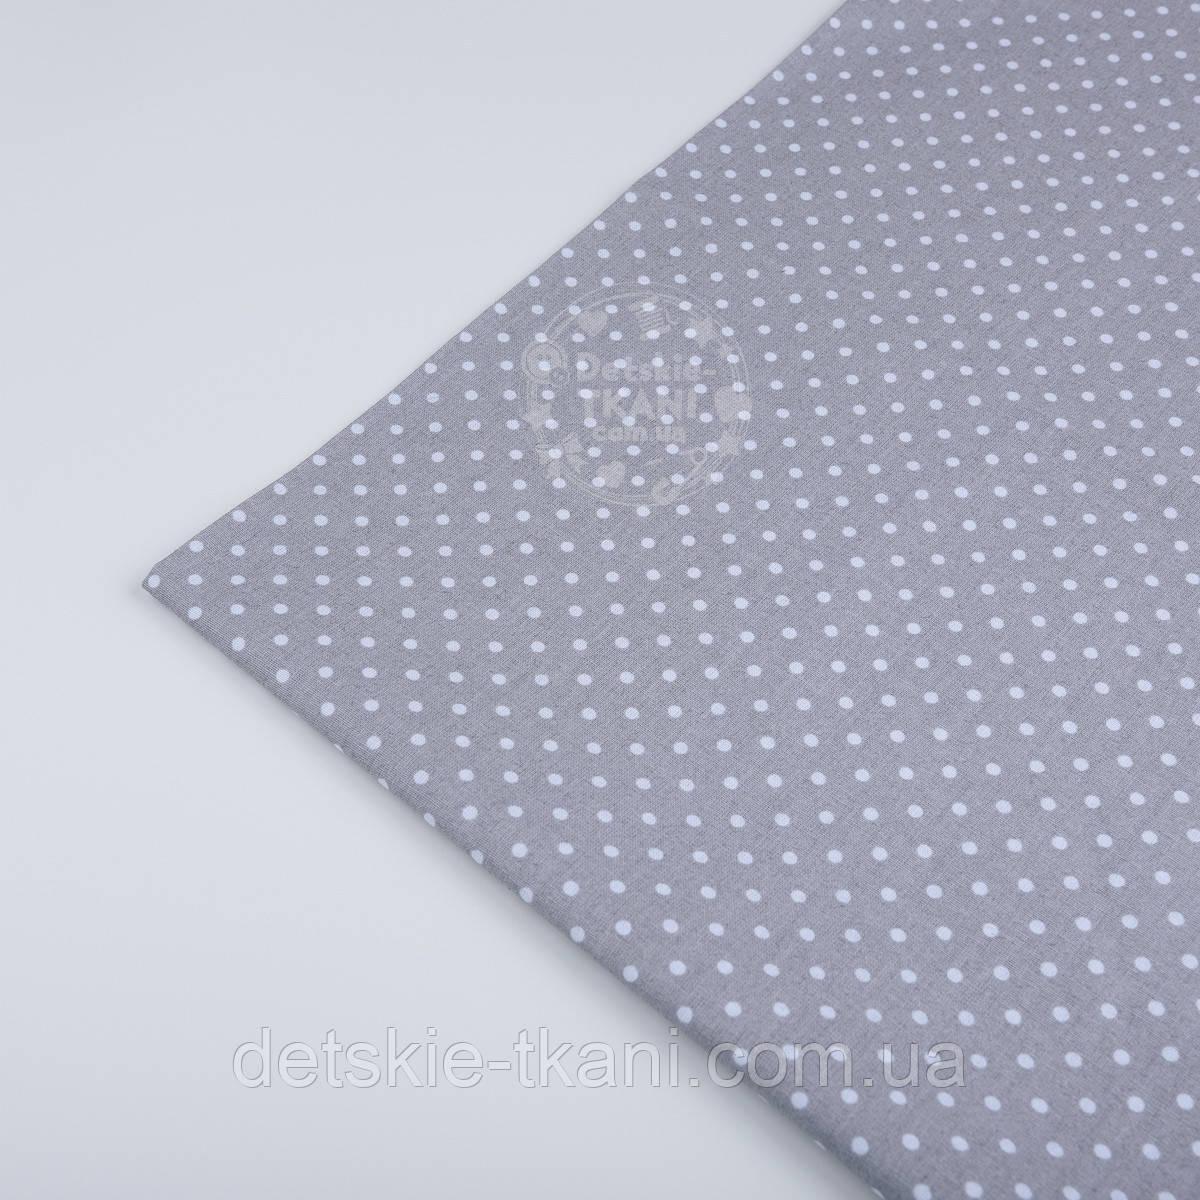 Лоскут ткани №6  серого цвета с белым горошком